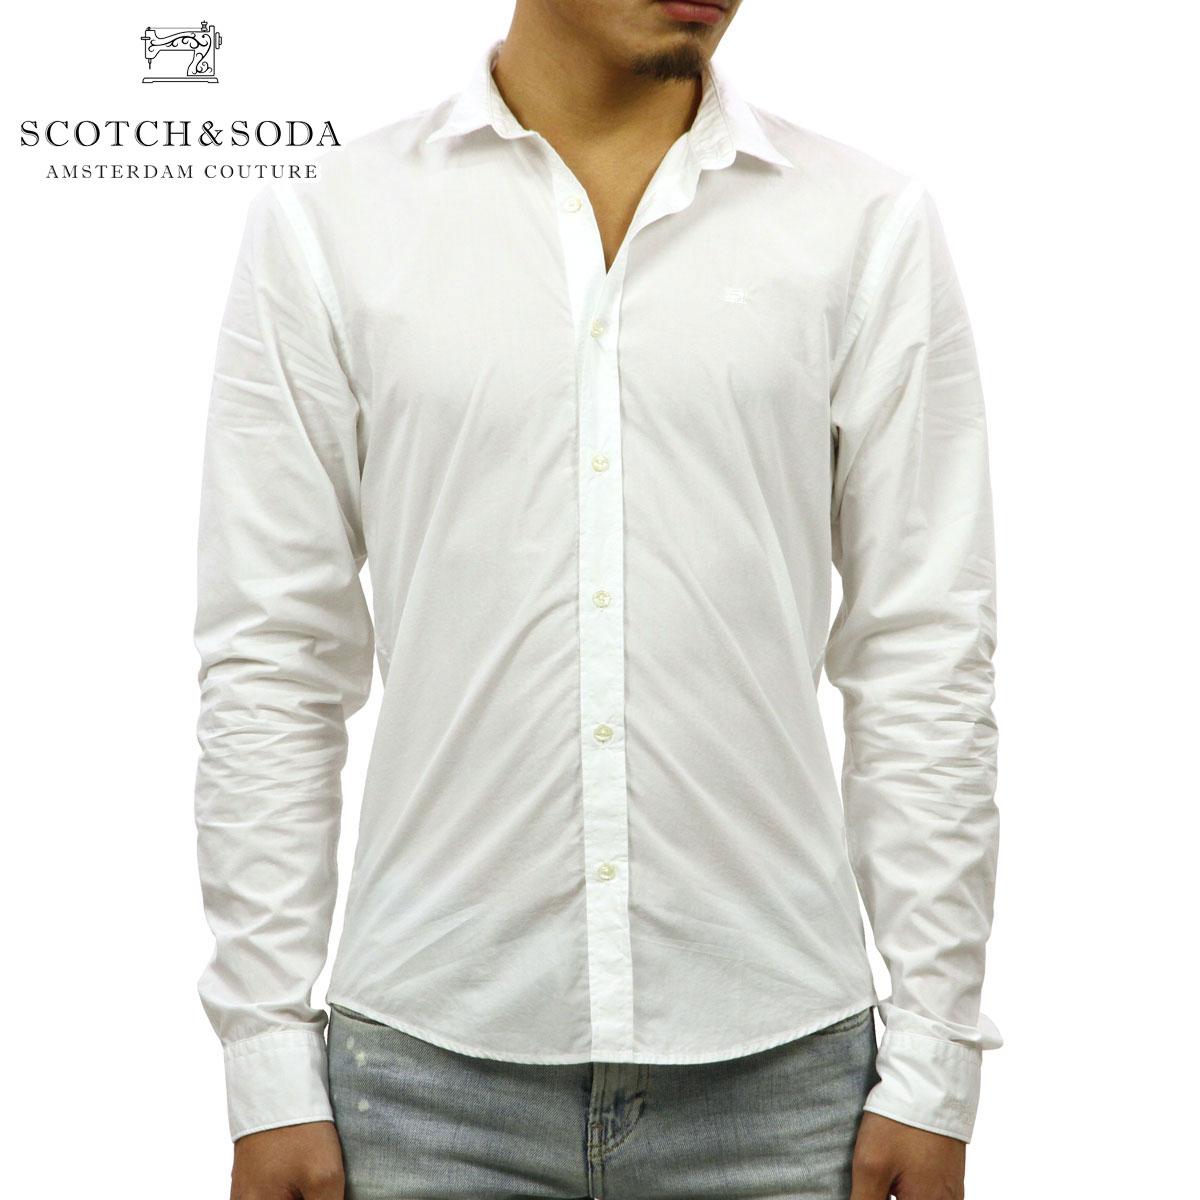 スコッチアンドソーダ SCOTCH&SODA 正規販売店 メンズ 長袖ドレスシャツ CRISPY POPLIN CLASSIC SHIRT 139561 0006 41409 WHITE